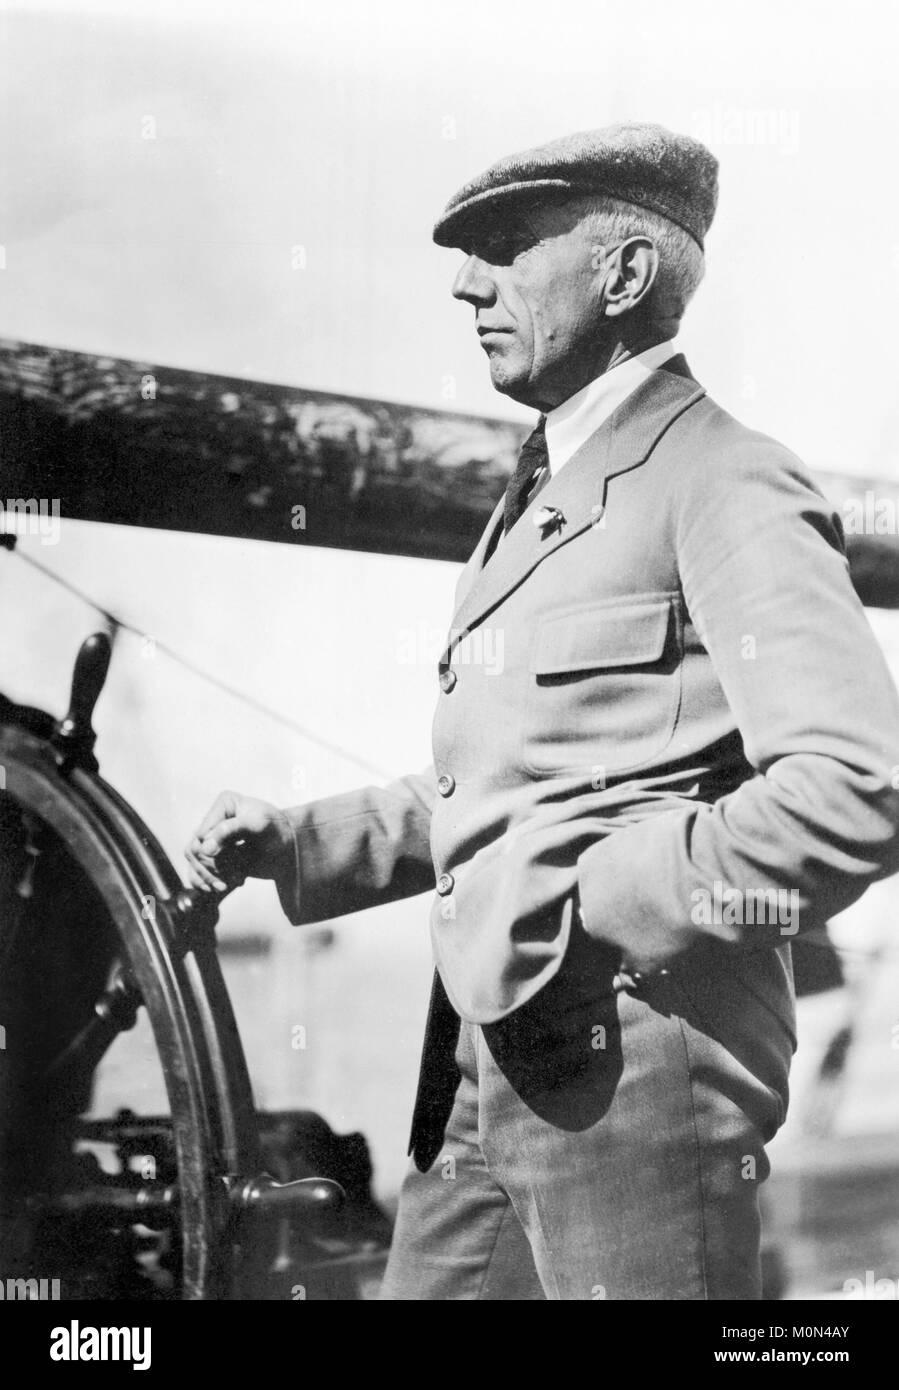 Roald Amundsen. L'explorateur polaire norvégien Roald Engelbregt Gravning Amundsen (1872-1928) au volant d'un bateau Banque D'Images